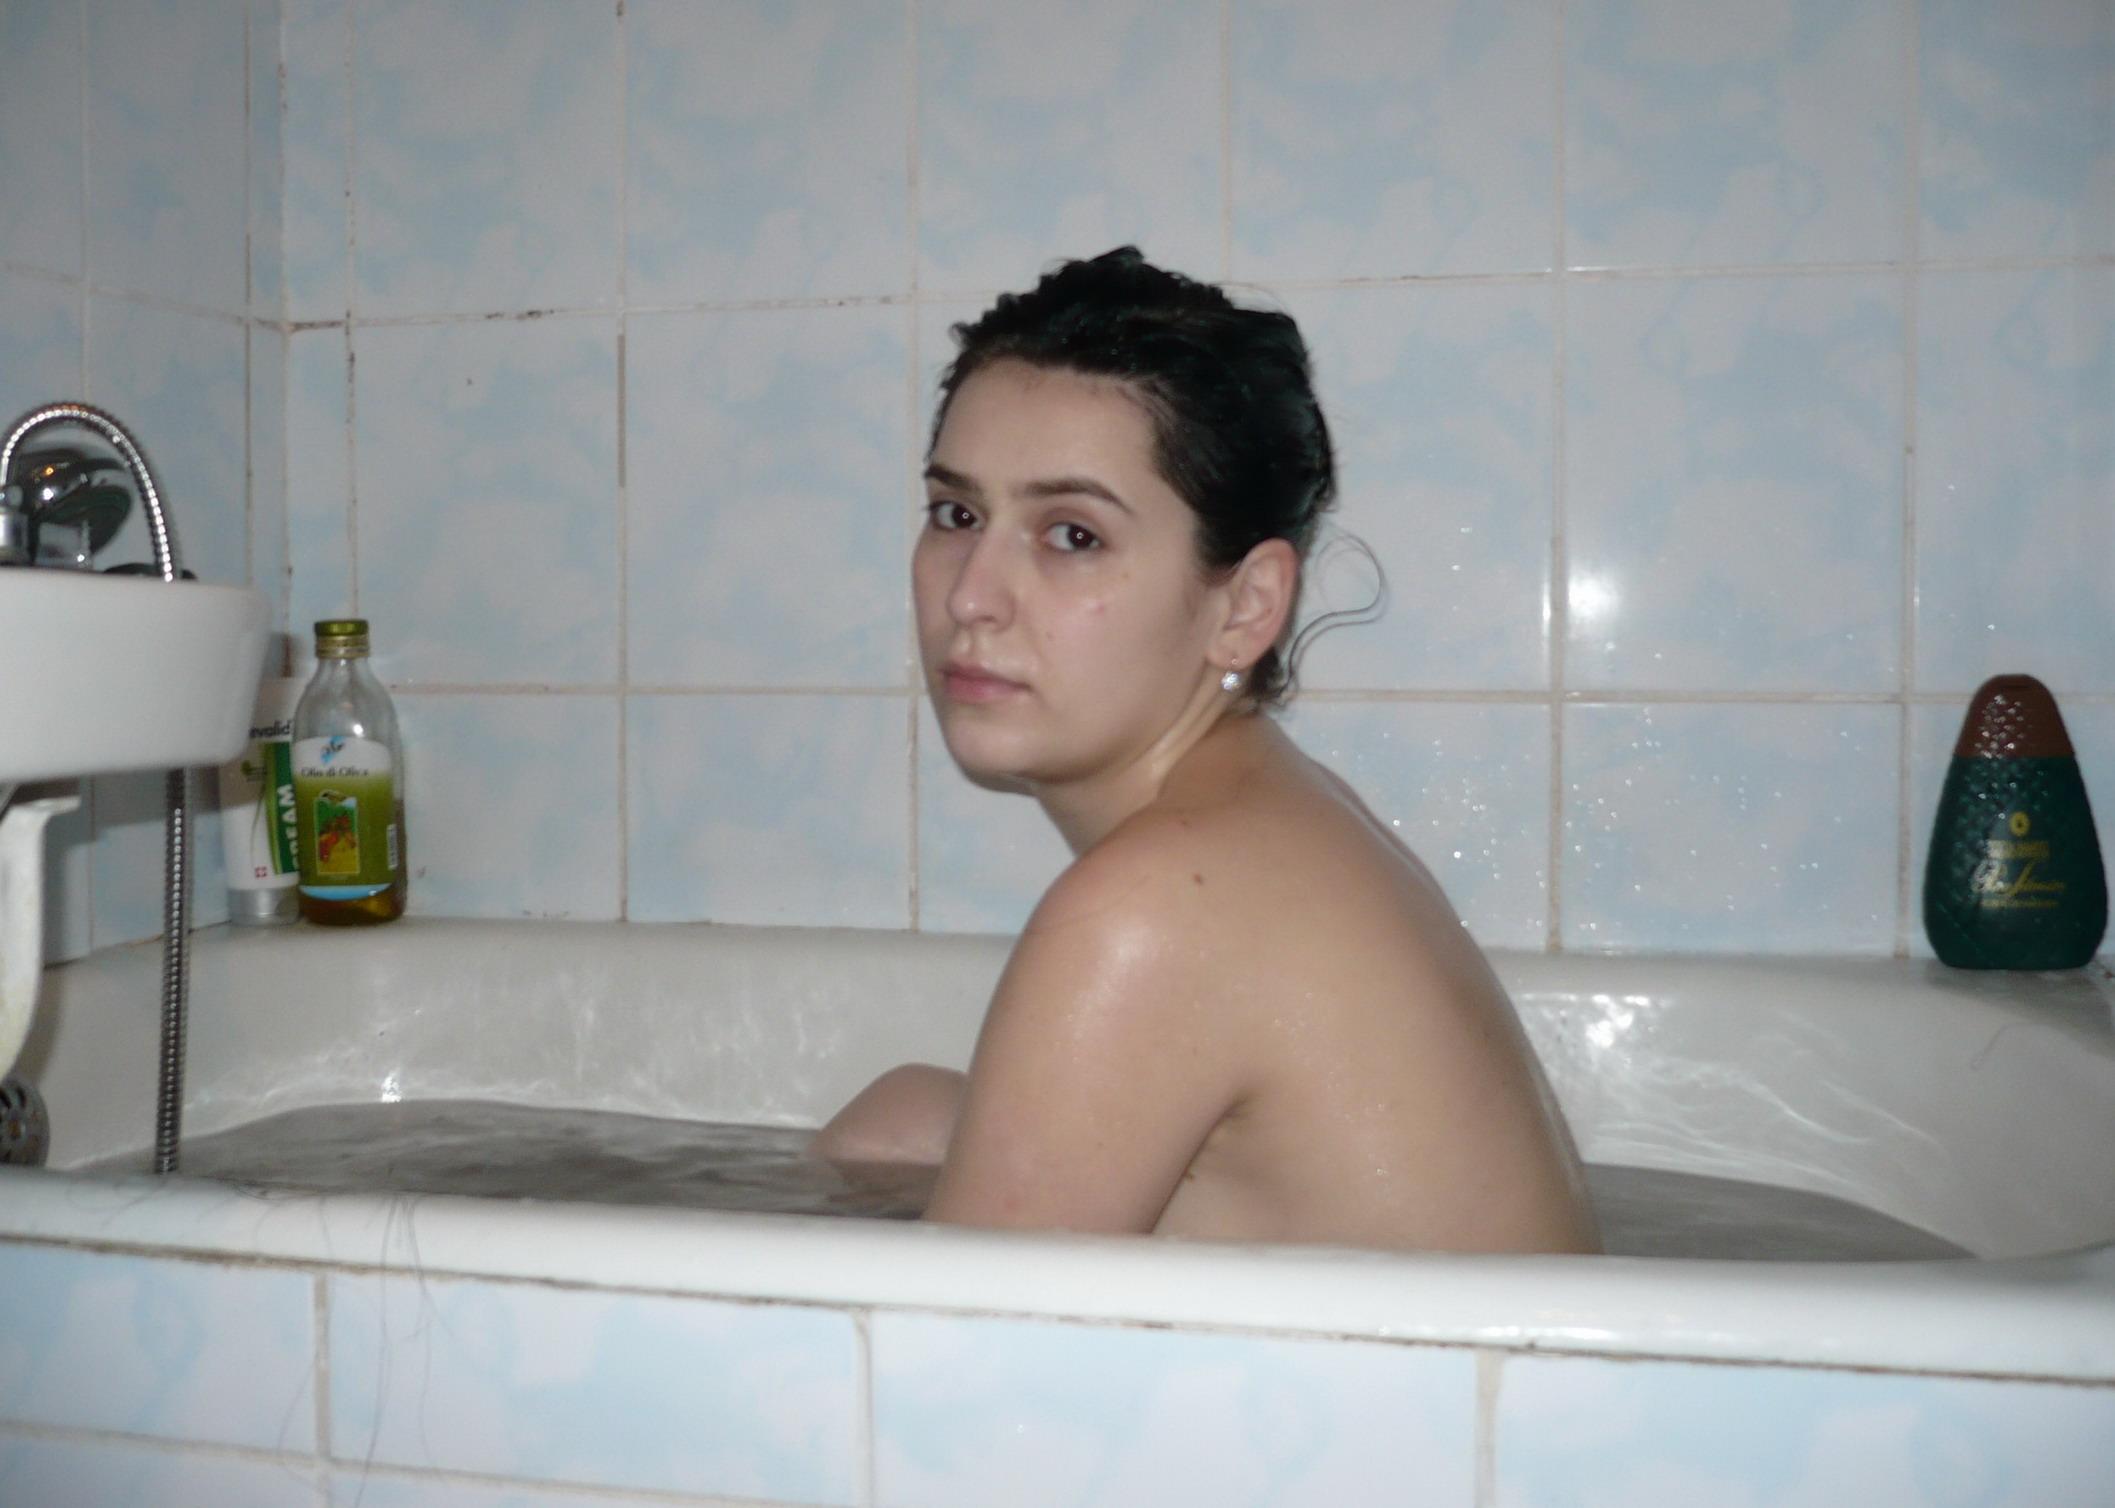 Фото жена принимает душ 24 фотография